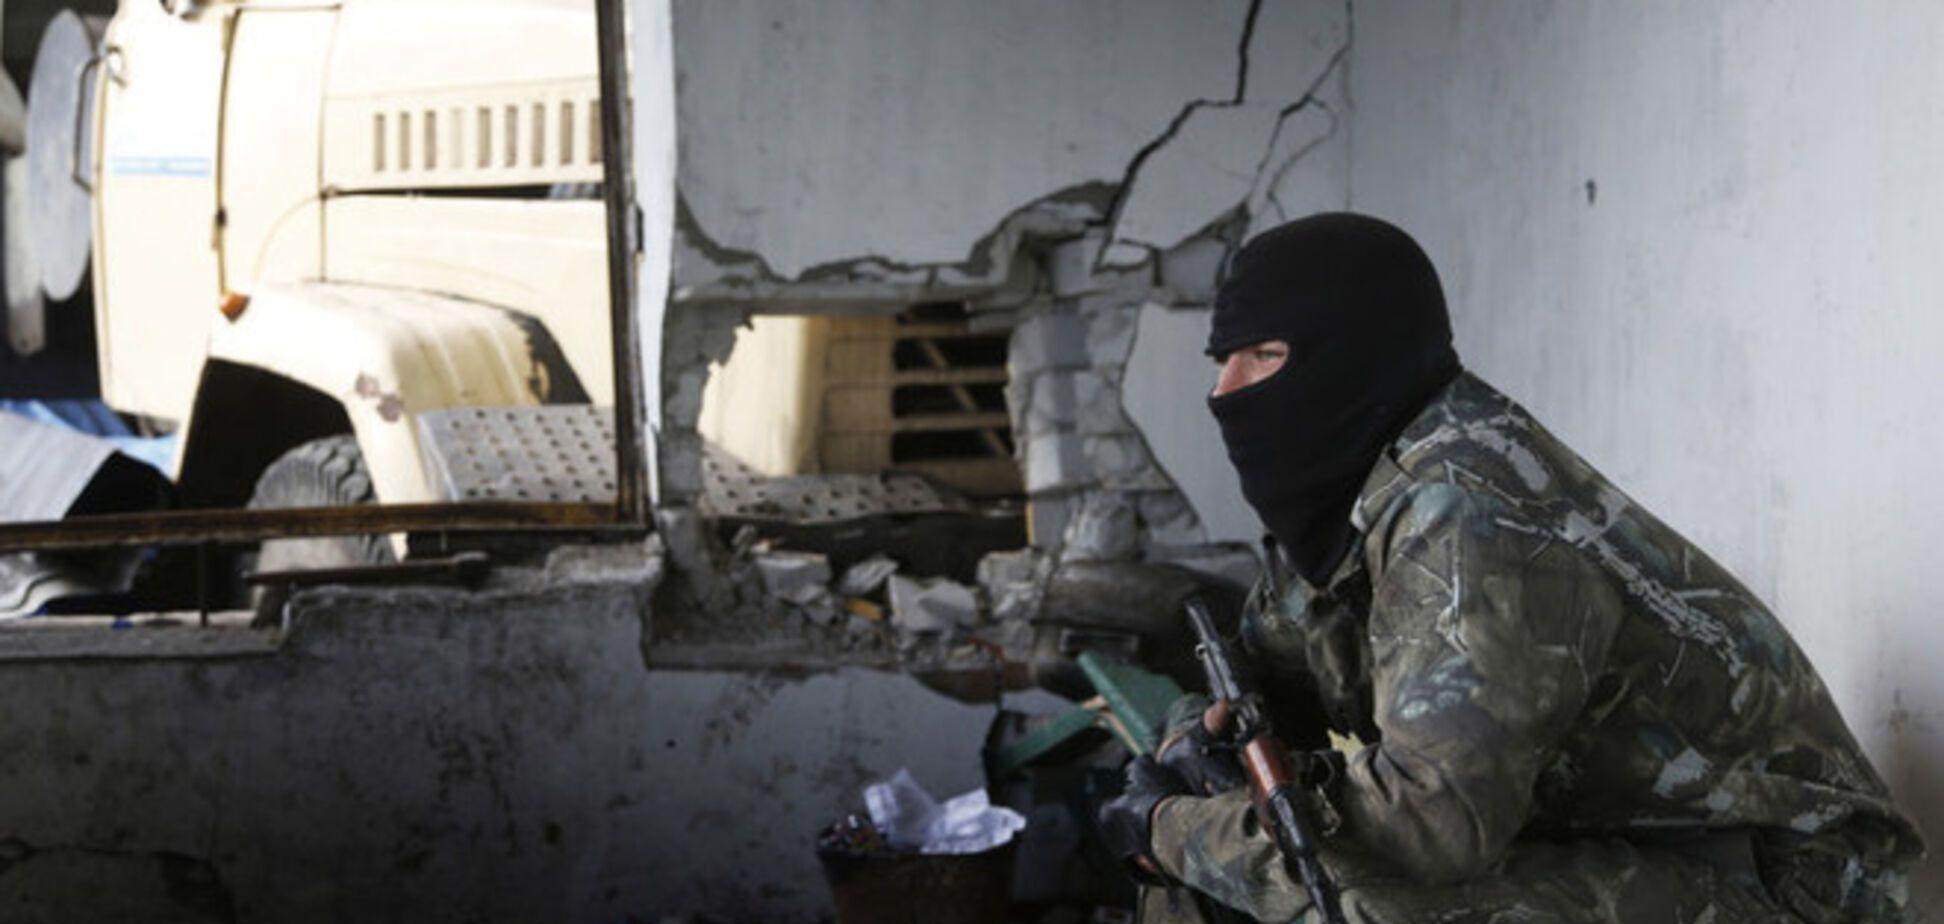 В Алчевске террористы захватили ОИК и похитили бюллетени